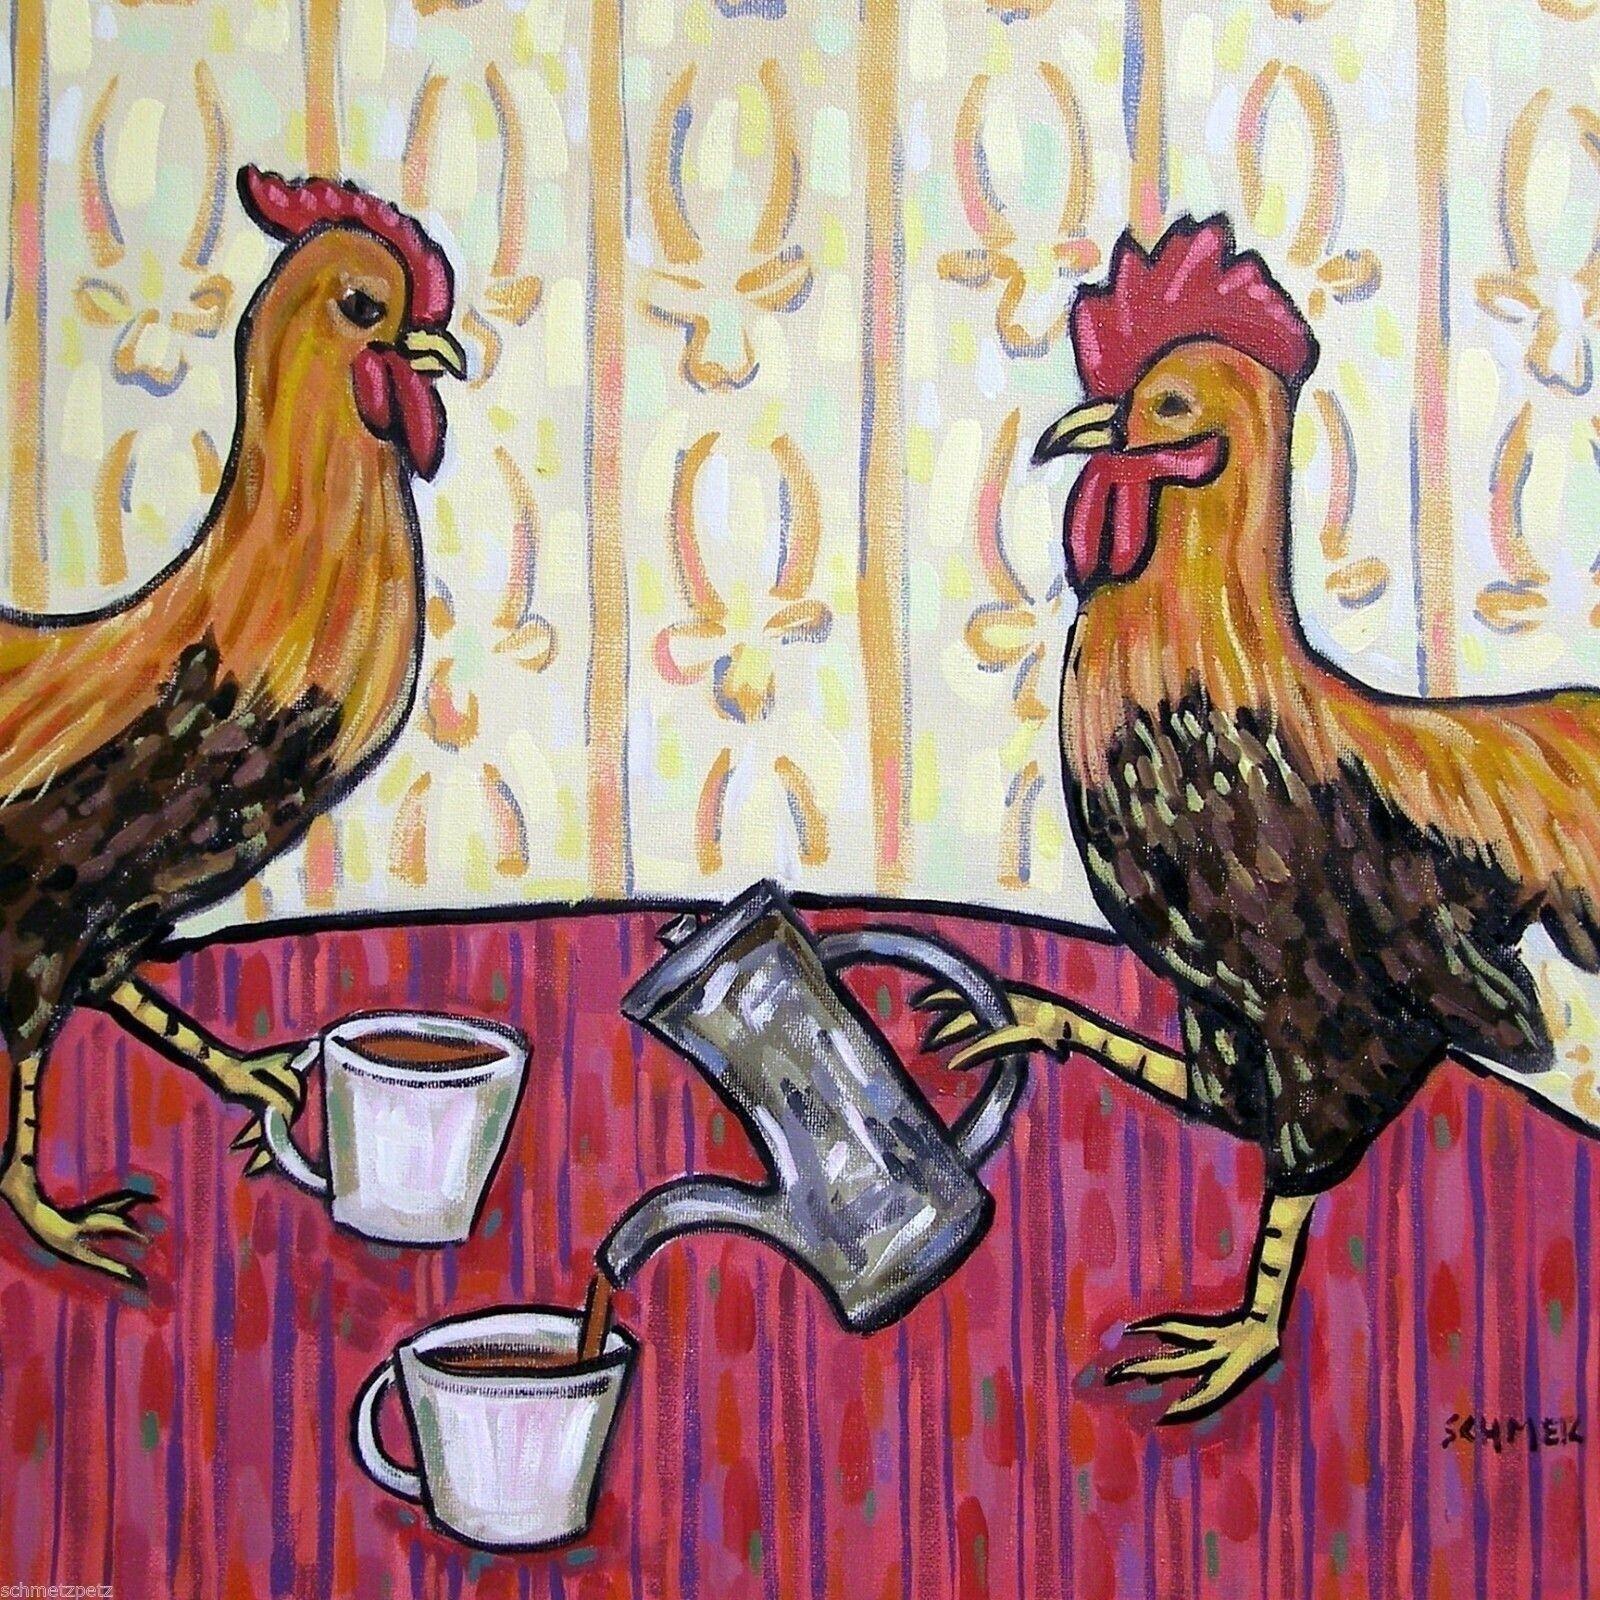 CHICKEN rooster hen bathroom 11x14  art PRINT animals impressionism birds